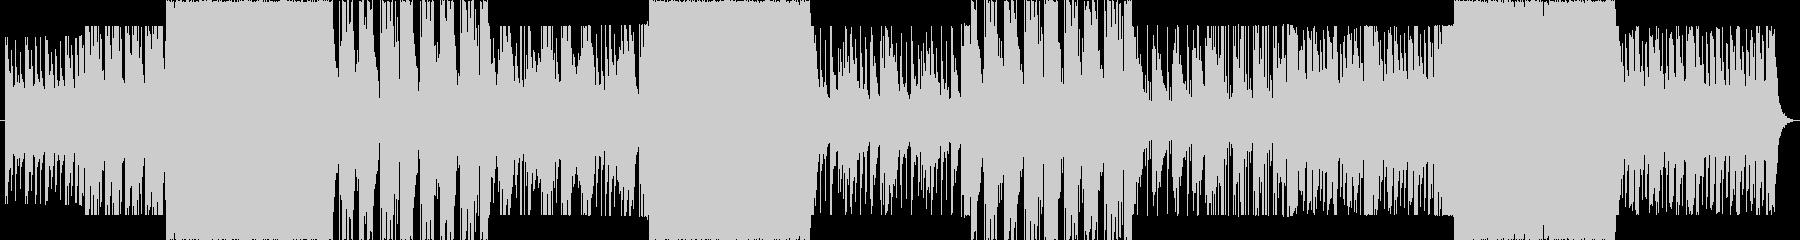 和やかさと重さが調和するチルトラップの未再生の波形